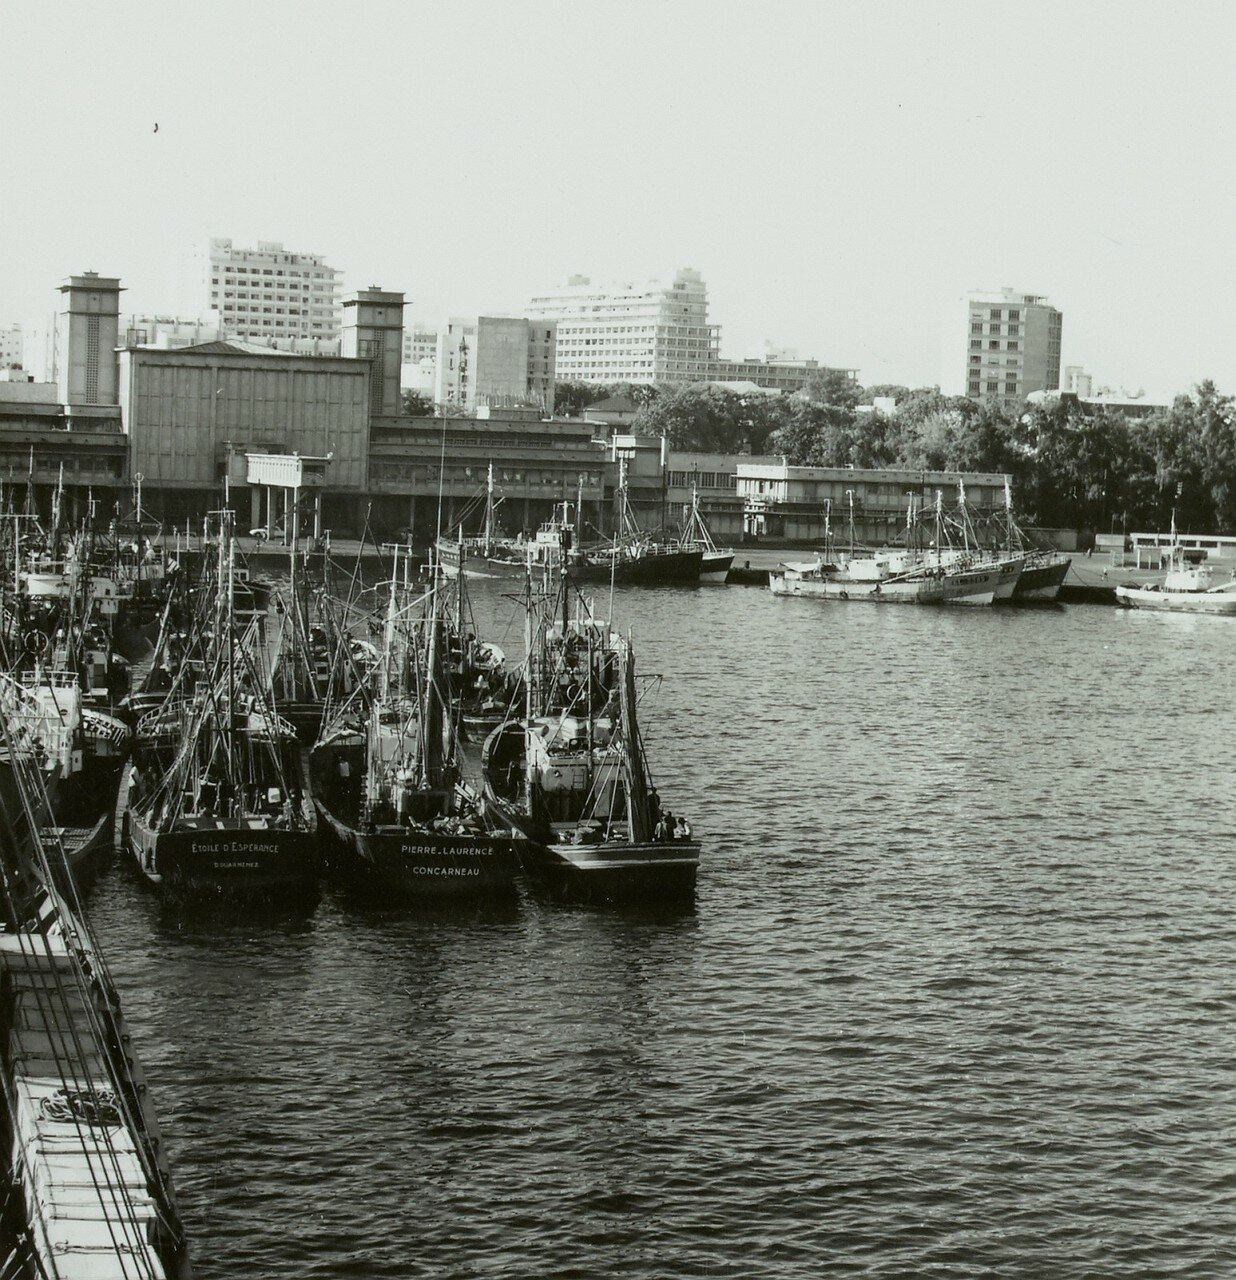 Сенегал. Дакар. Вид городского порта